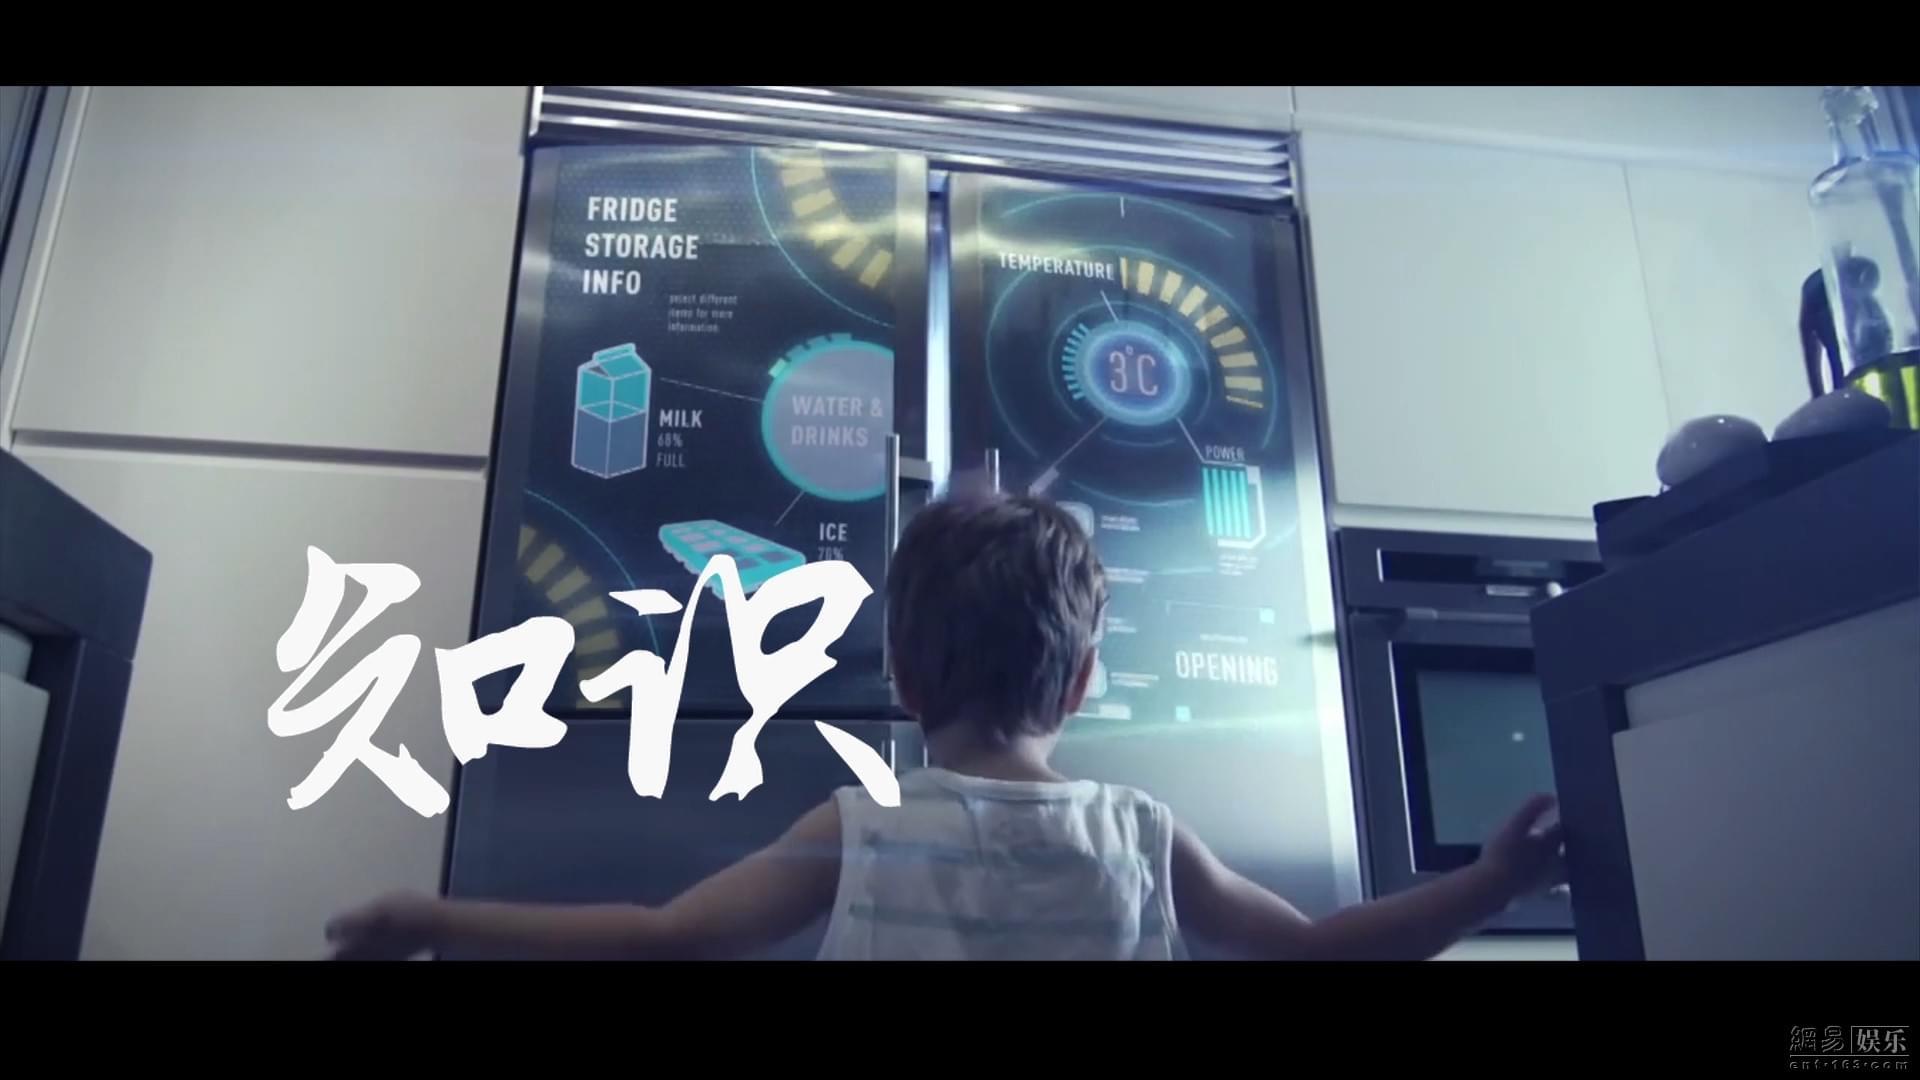 《极客智造》首发宣传片:让知识喜悦让科技流行